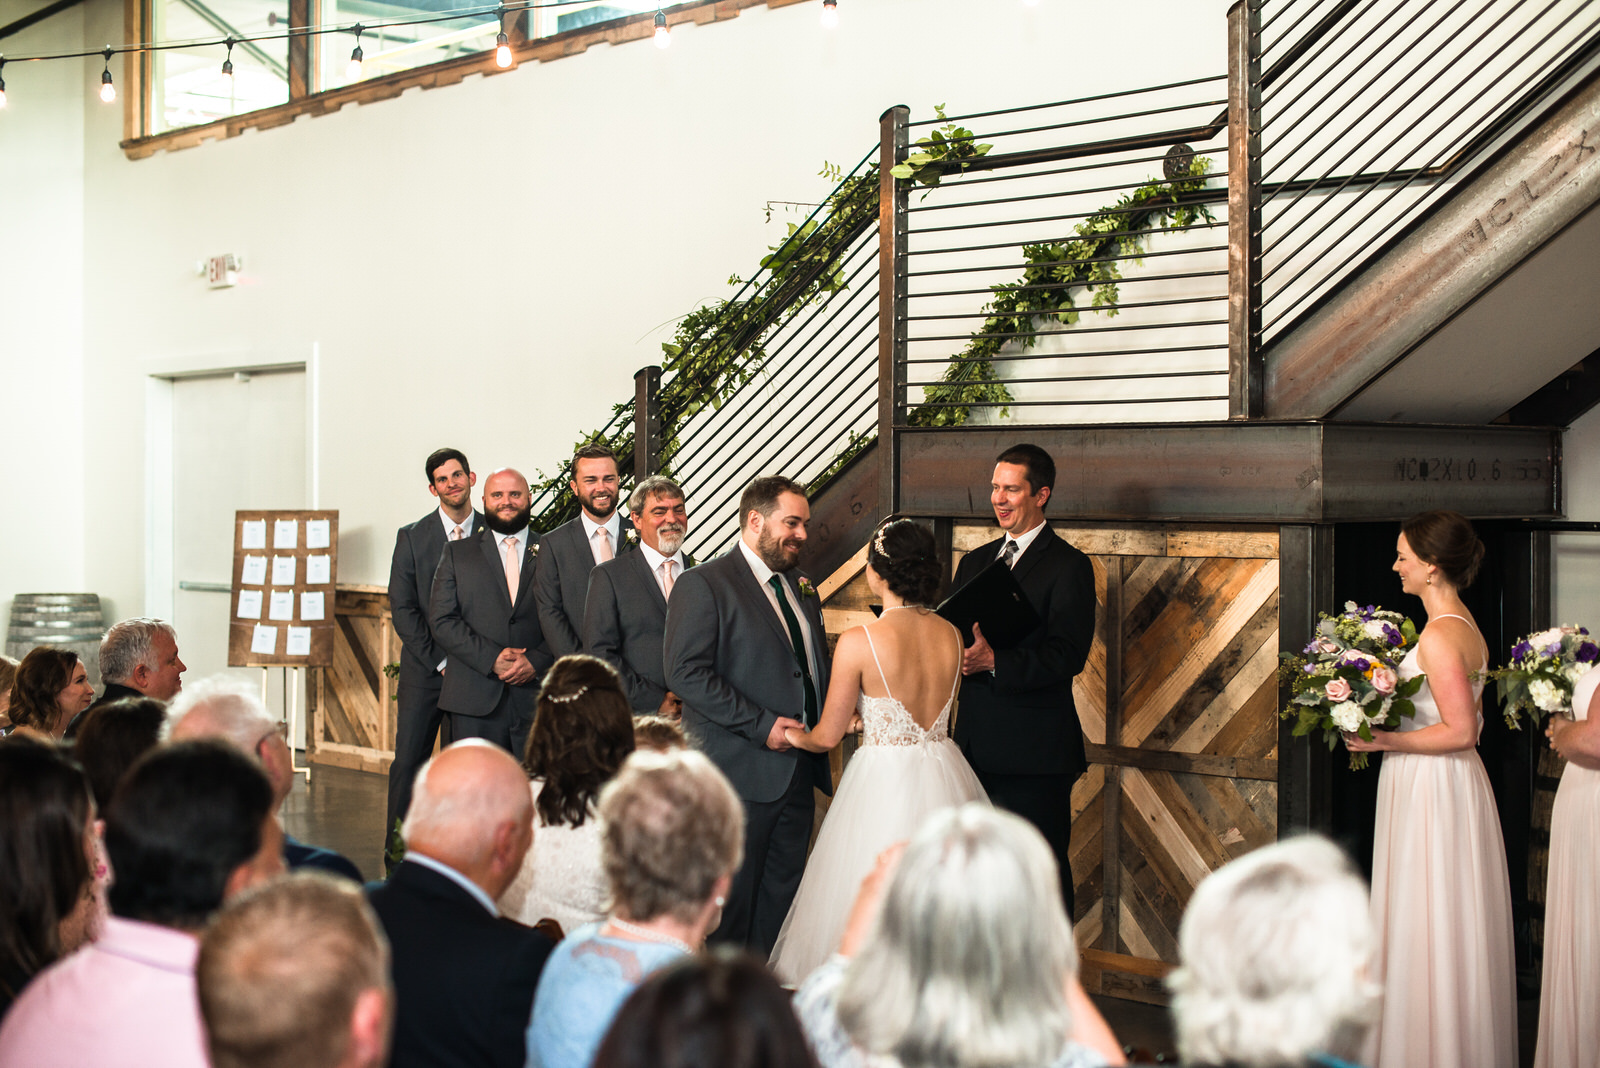 Highland-Brewing-Company-WeddingWedding-379.jpg